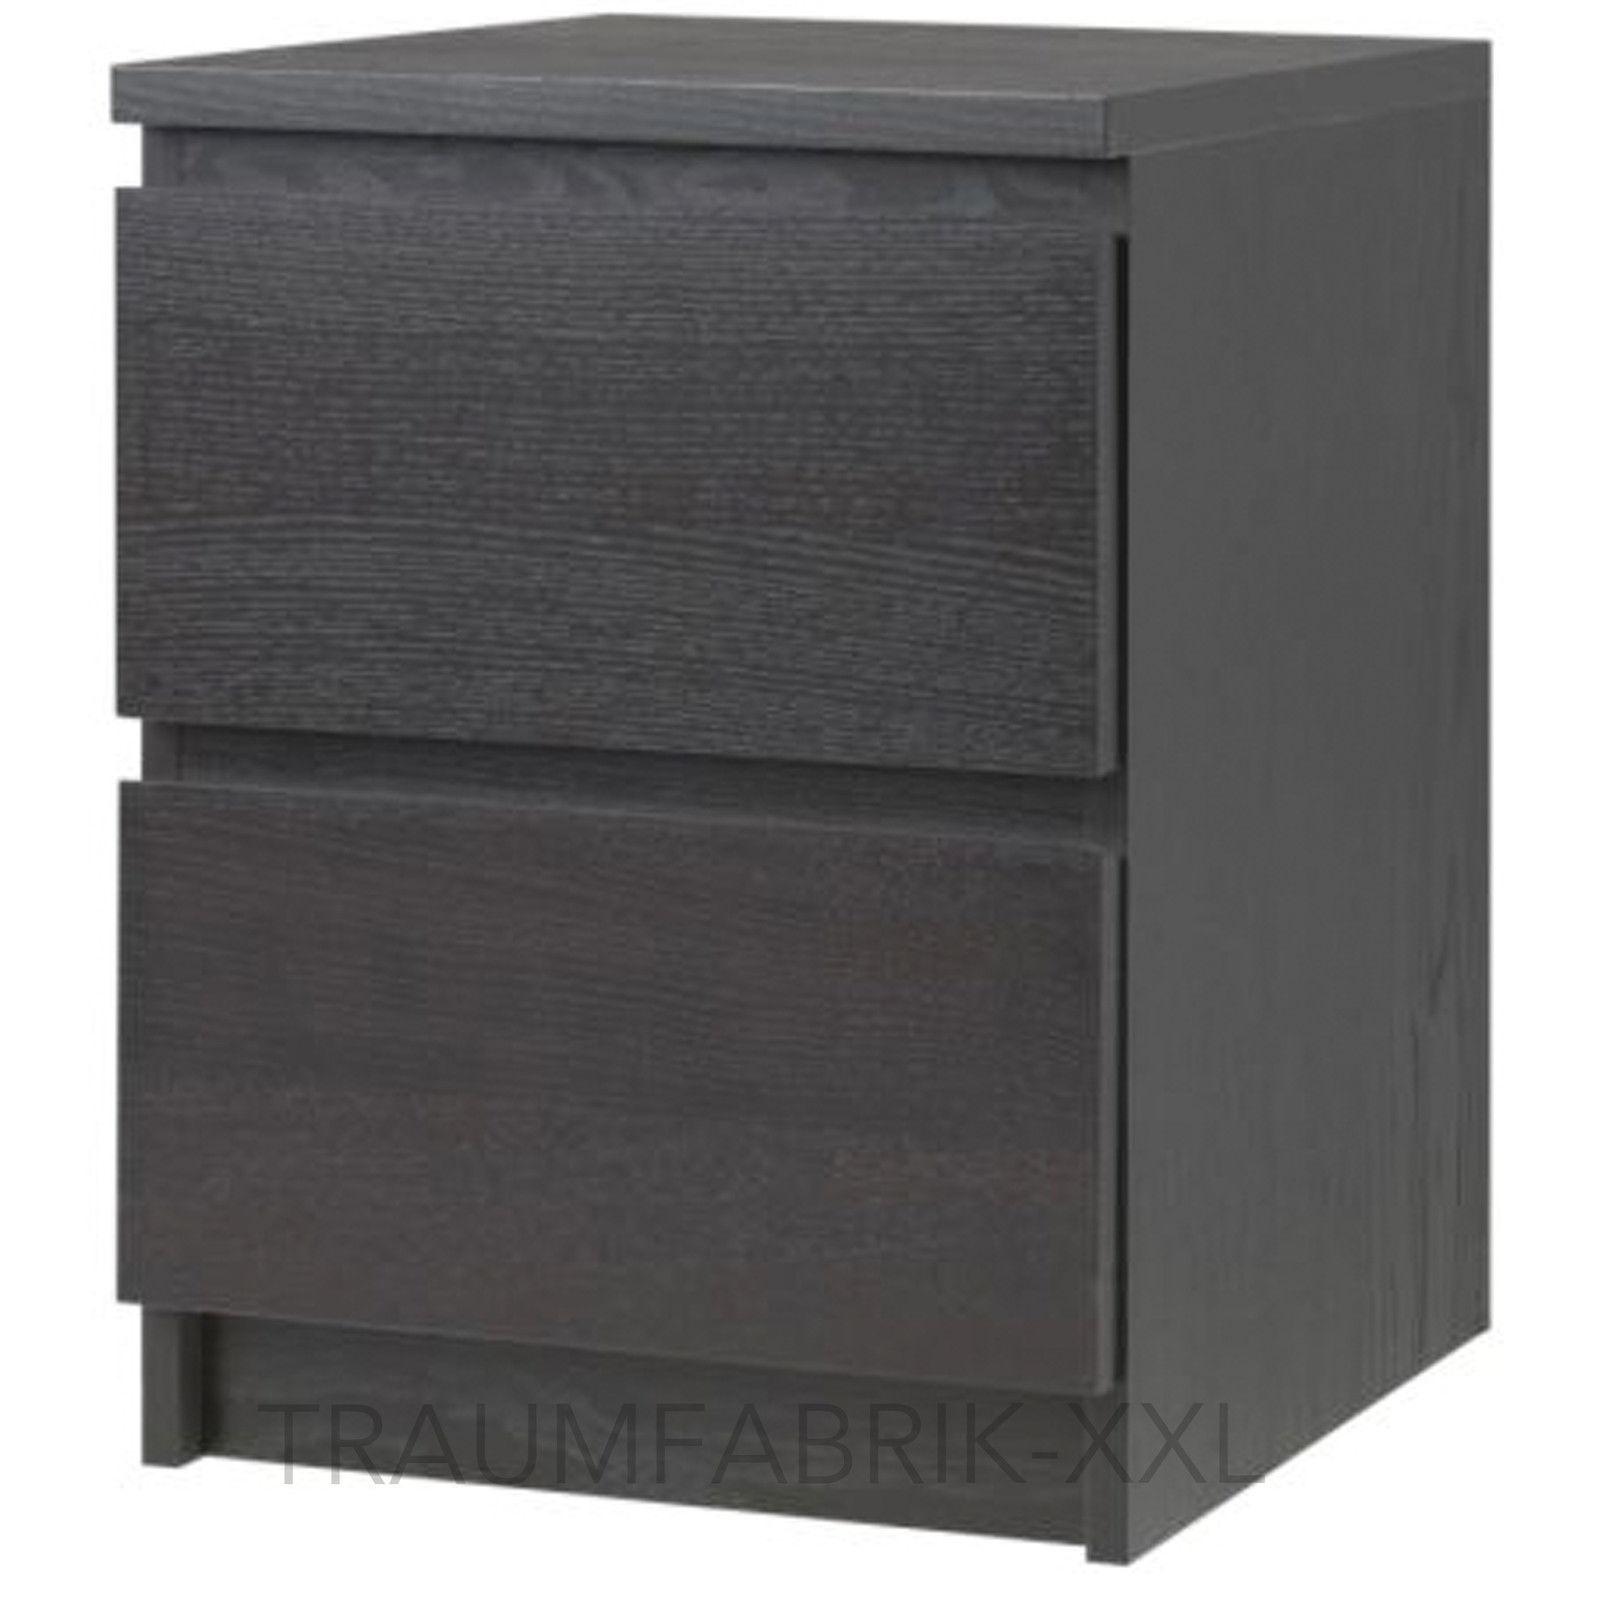 ikea malm kommode mit 2 schubladen schwarz nachtkonsole nachttisch schrank neu traumfabrik xxl. Black Bedroom Furniture Sets. Home Design Ideas